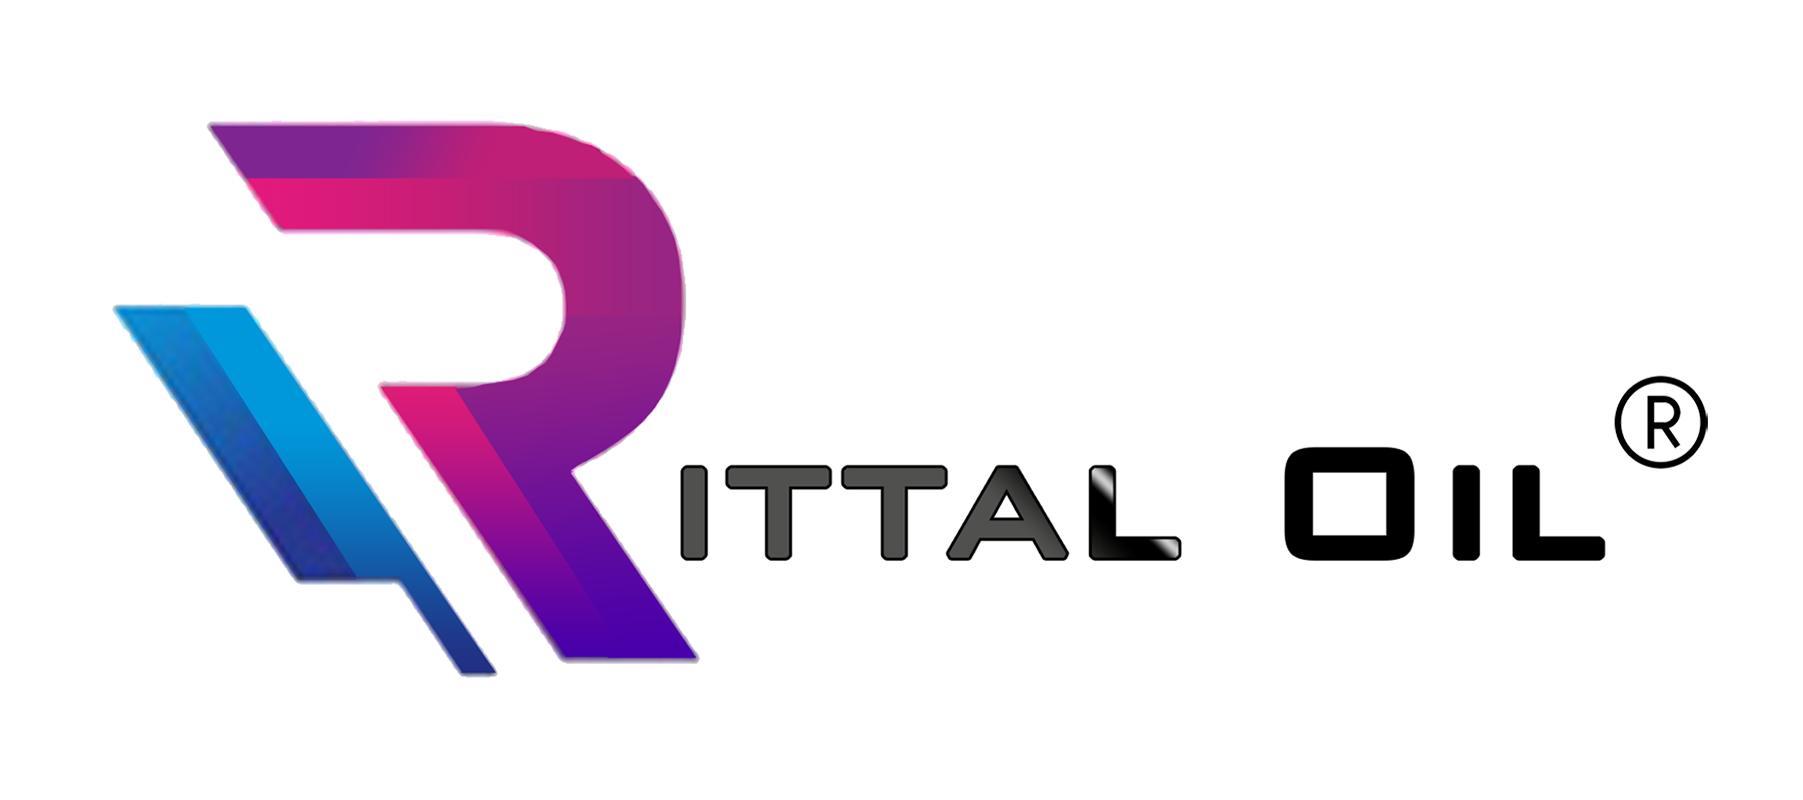 RITTAL OIL